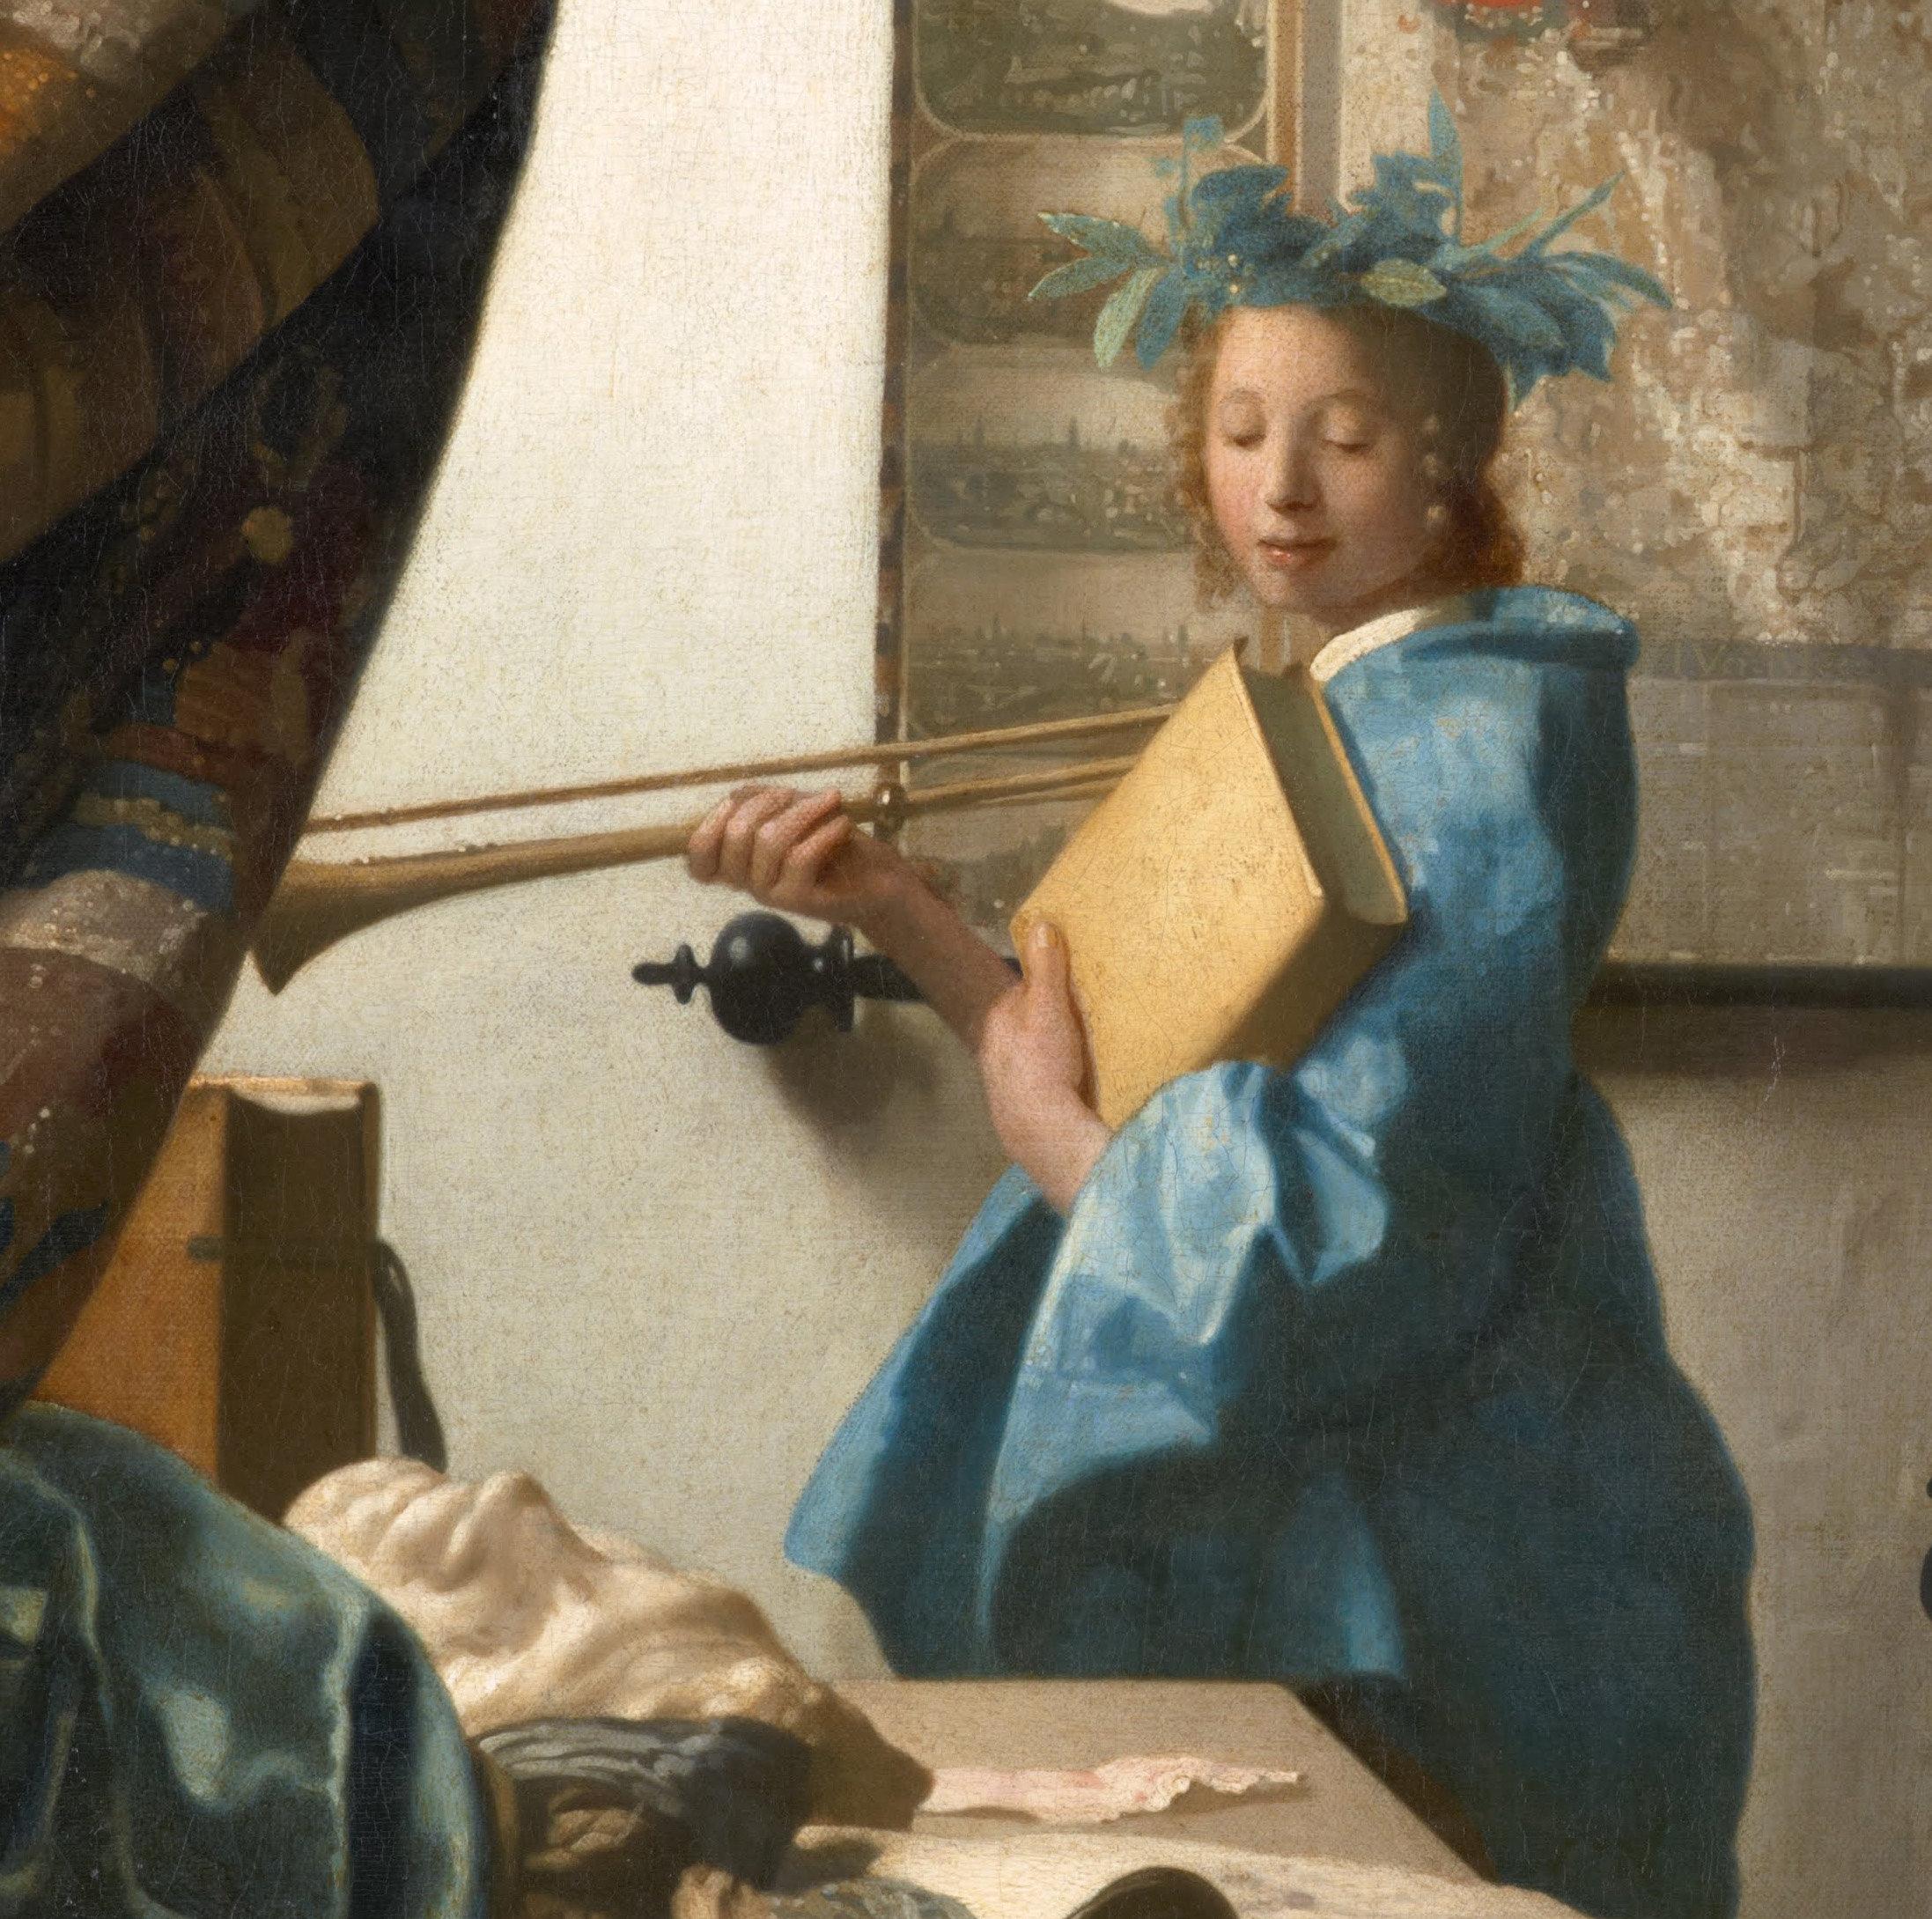 Vermeer: The Art of Painting (detail)